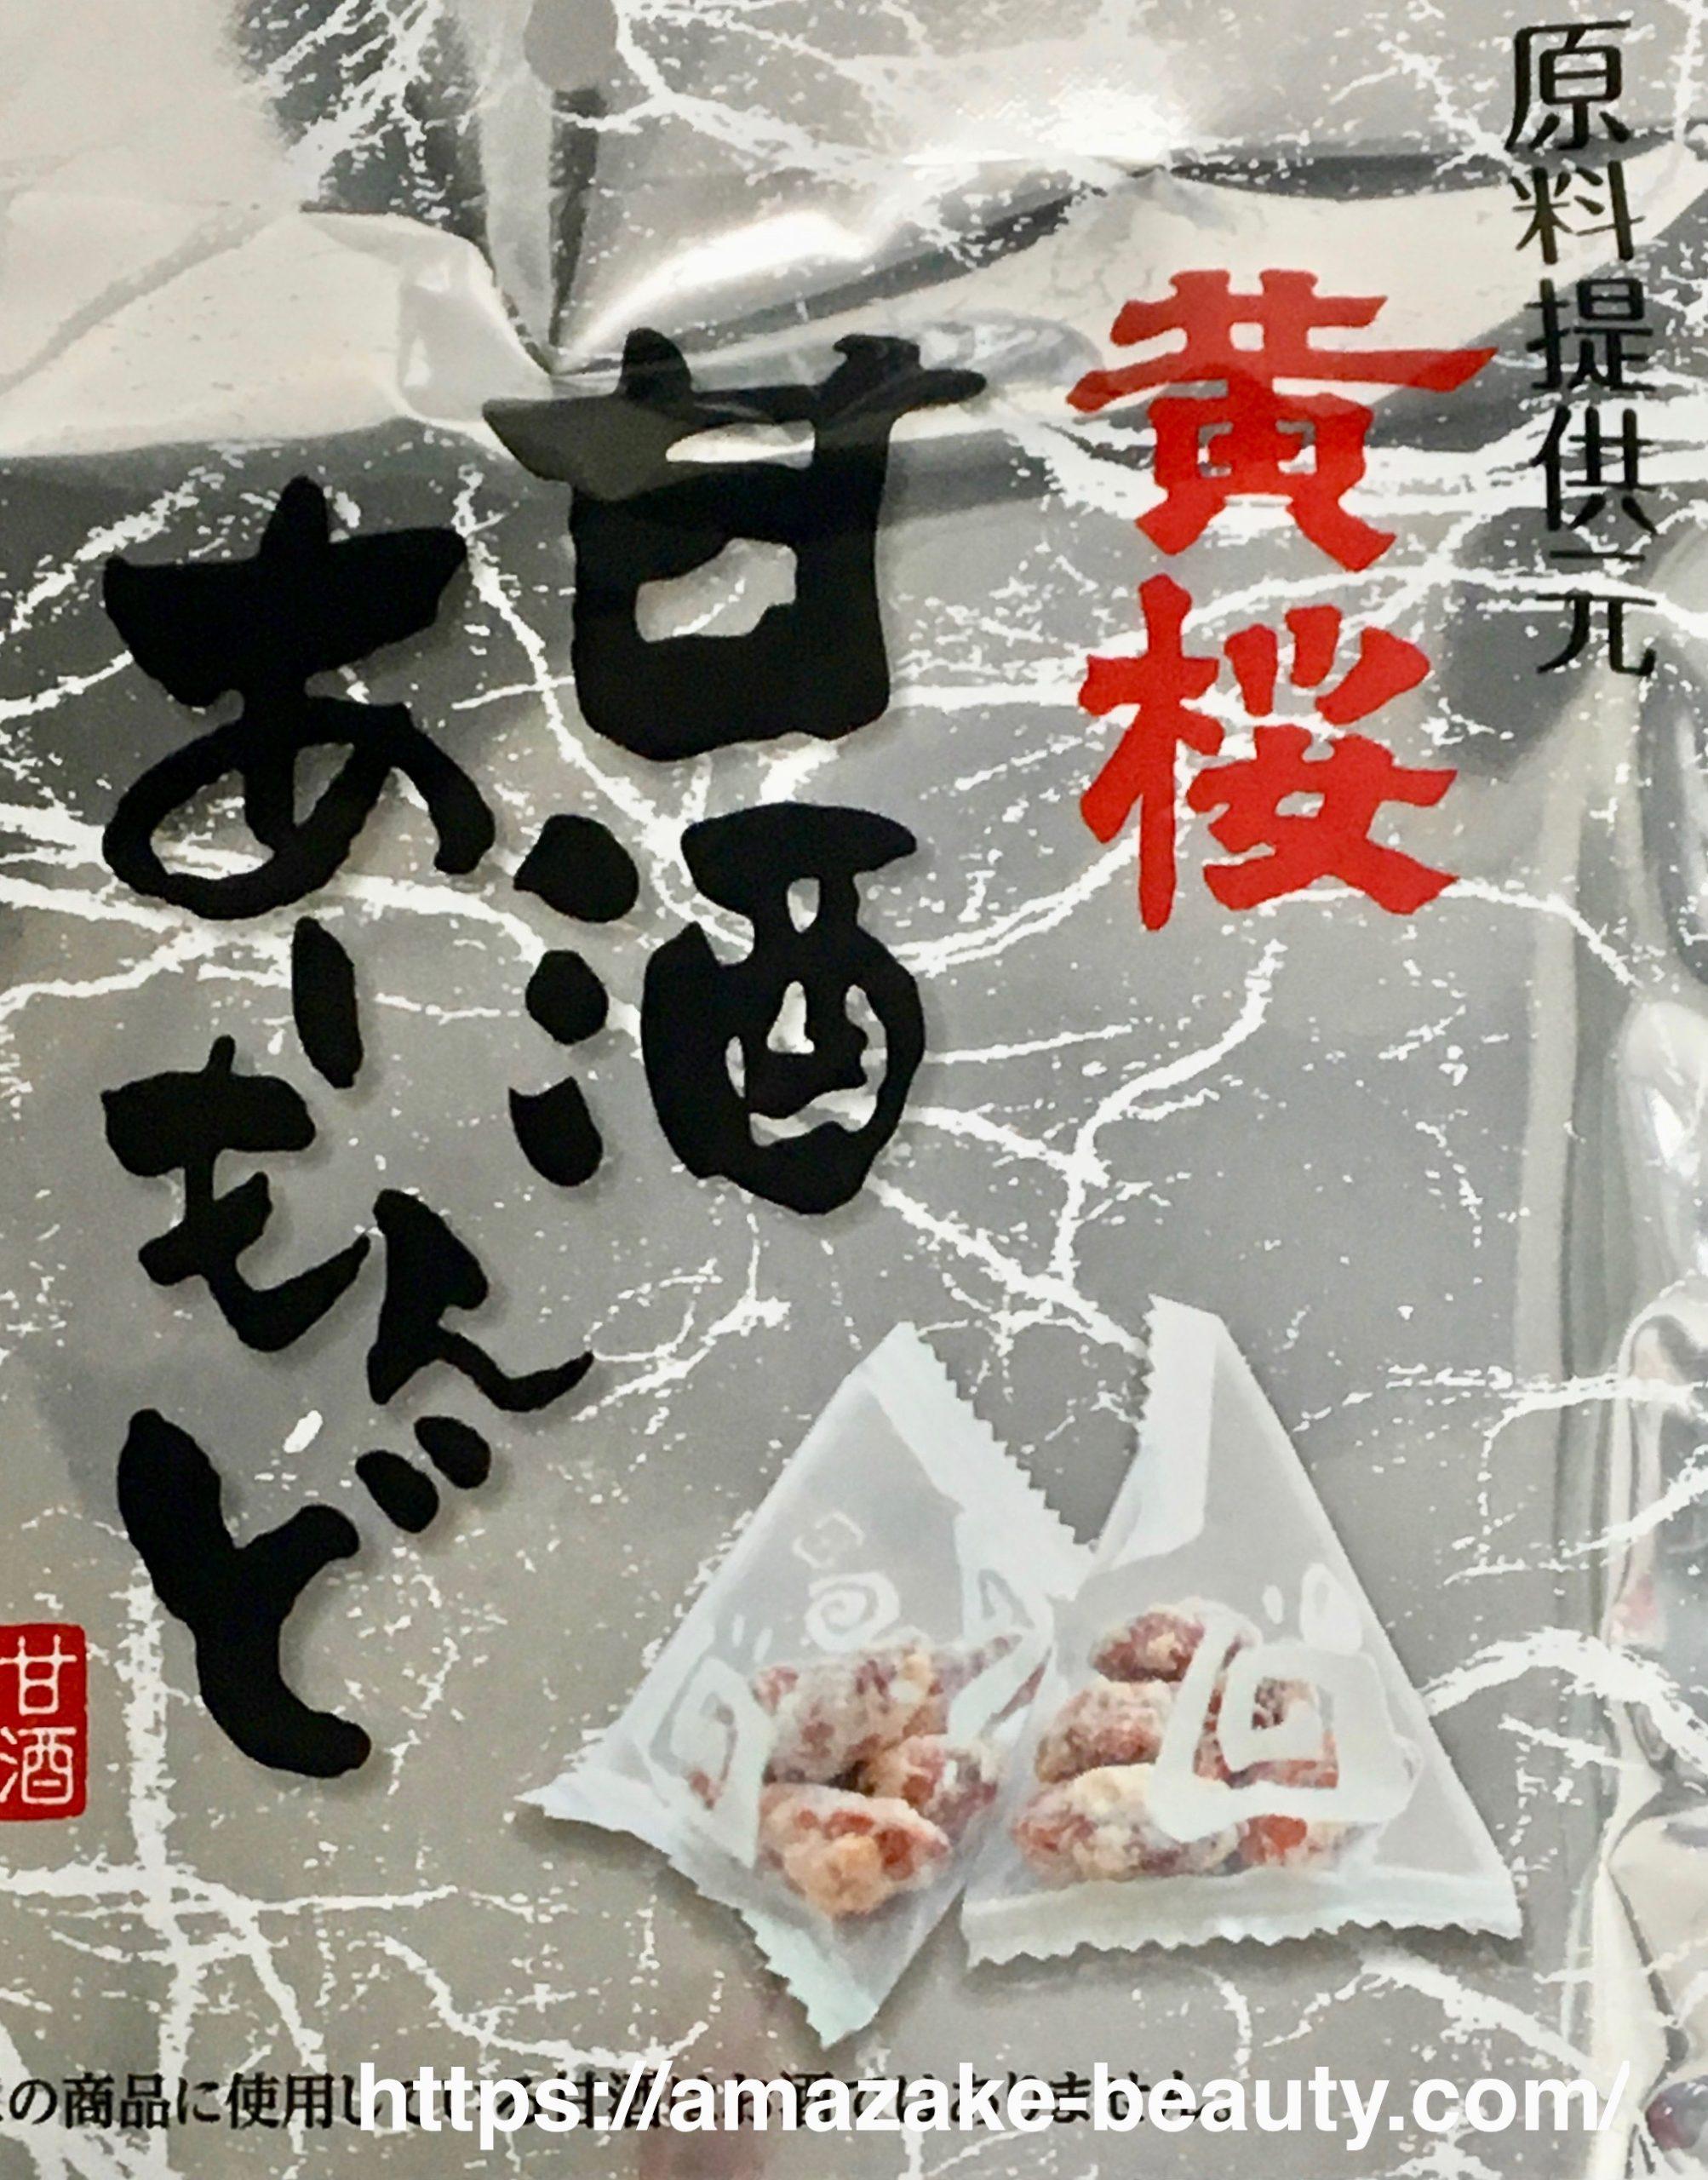 【甘酒甘味】ケイ・エス『甘酒アーモンド』(商品説明)